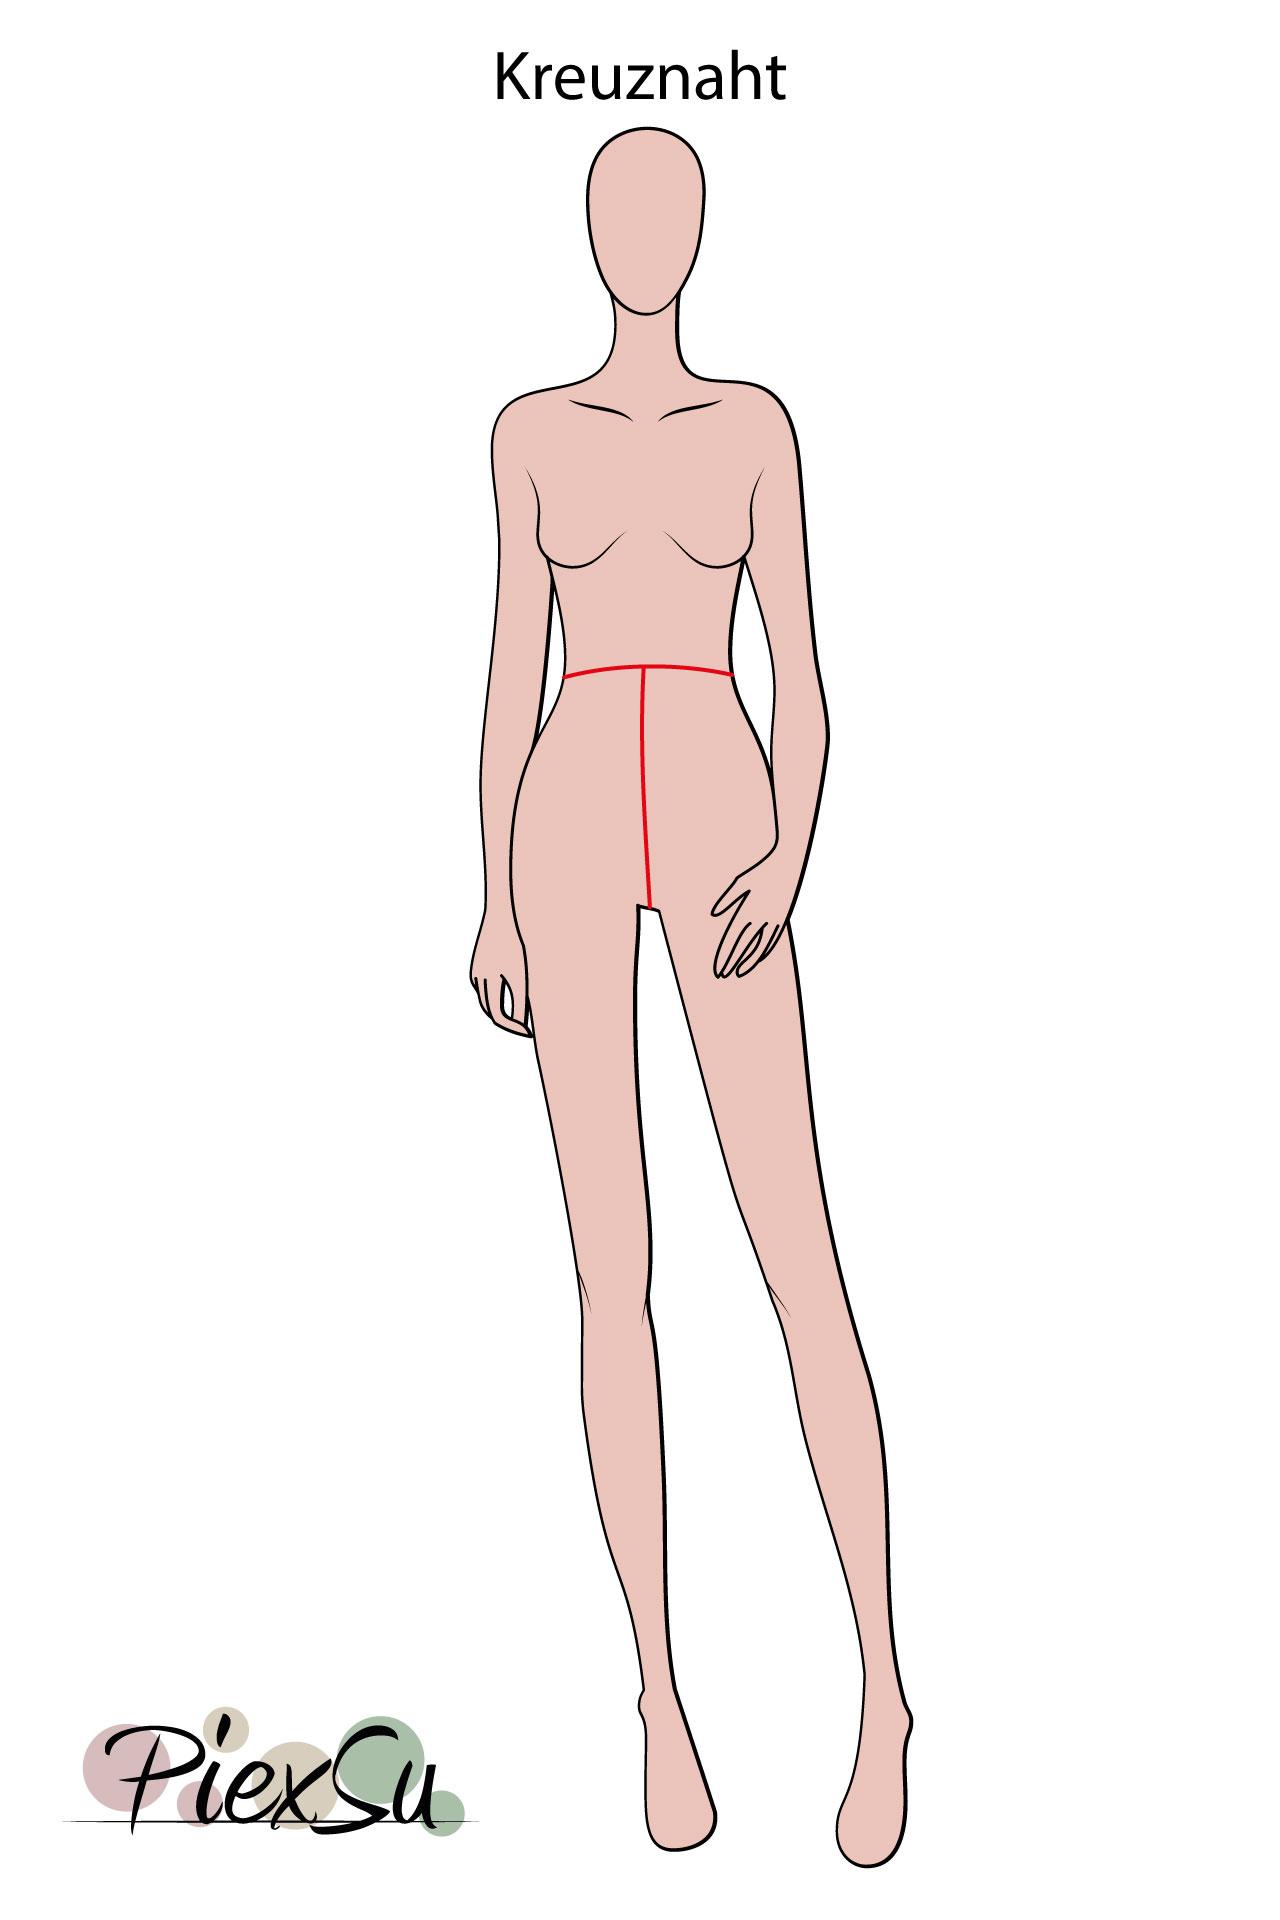 PiexSu-richtig-Maßnehmen-Maße-Schnittmuster-nähen-Schnittmuster-anpassen-messen-Maßband-Kreuznaht